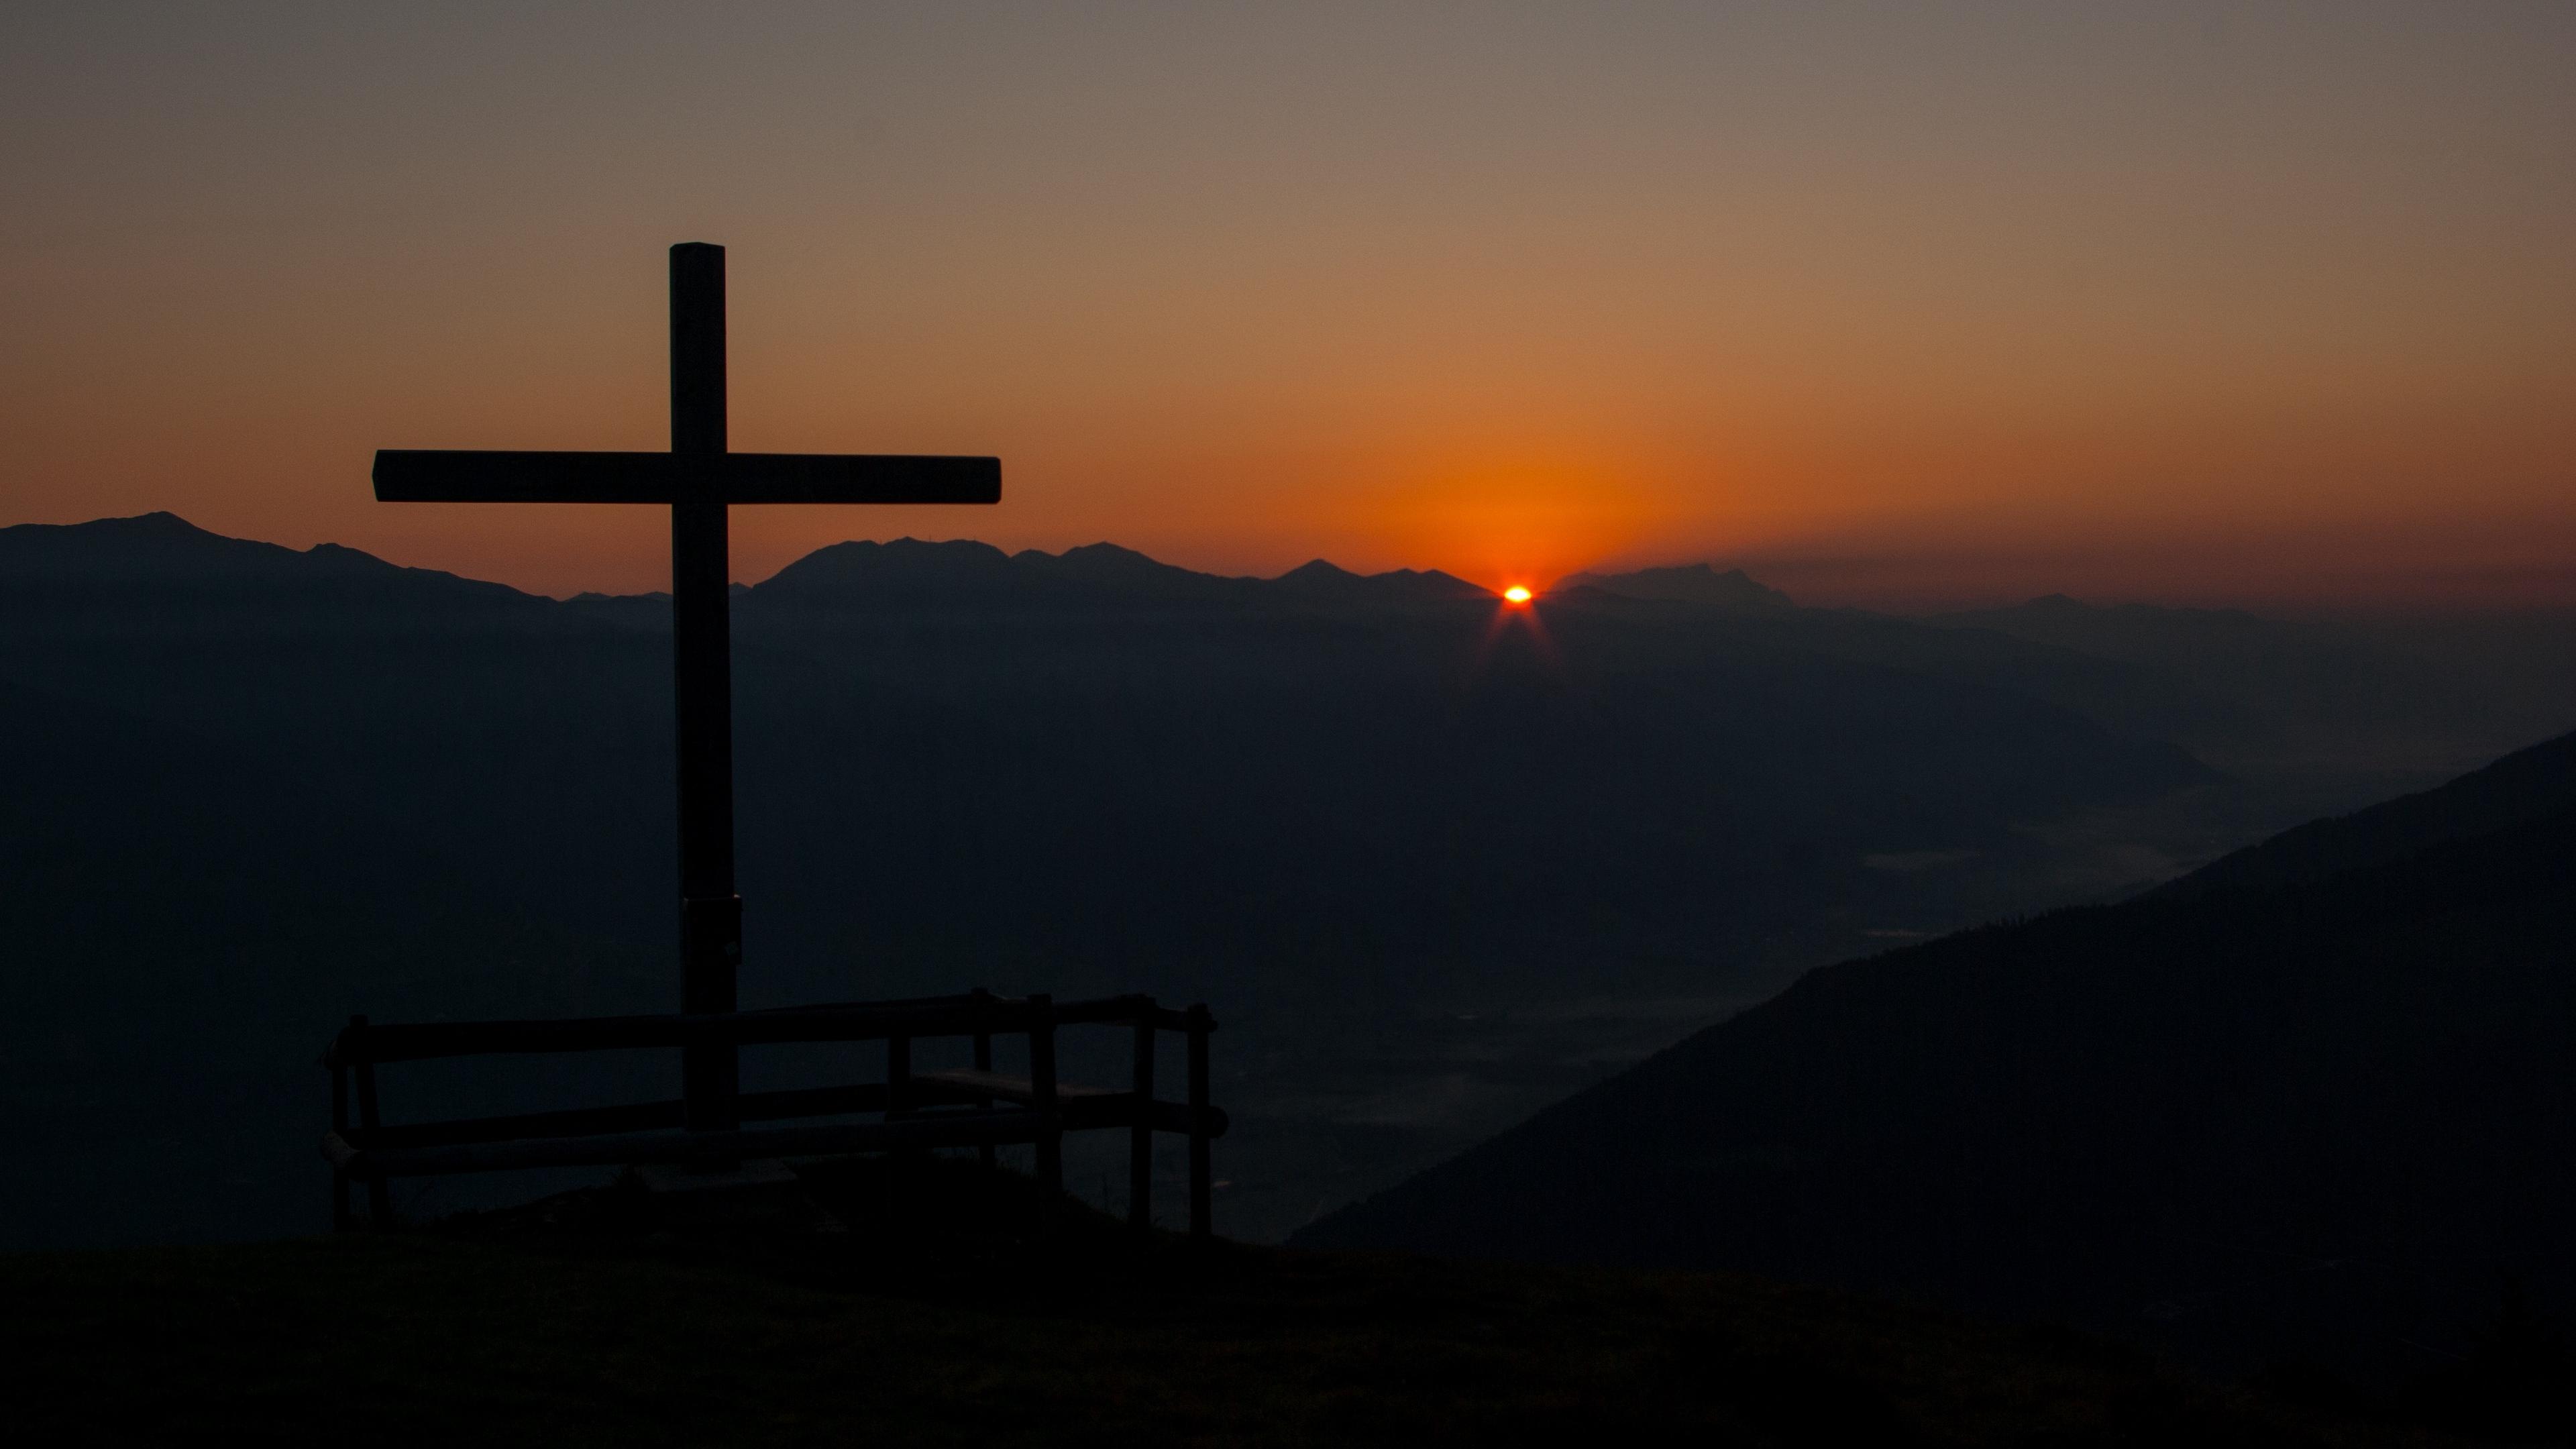 cross mountains dawn religion faith 4k 1540574971 - cross, mountains, dawn, religion, faith 4k - Mountains, Dawn, Cross